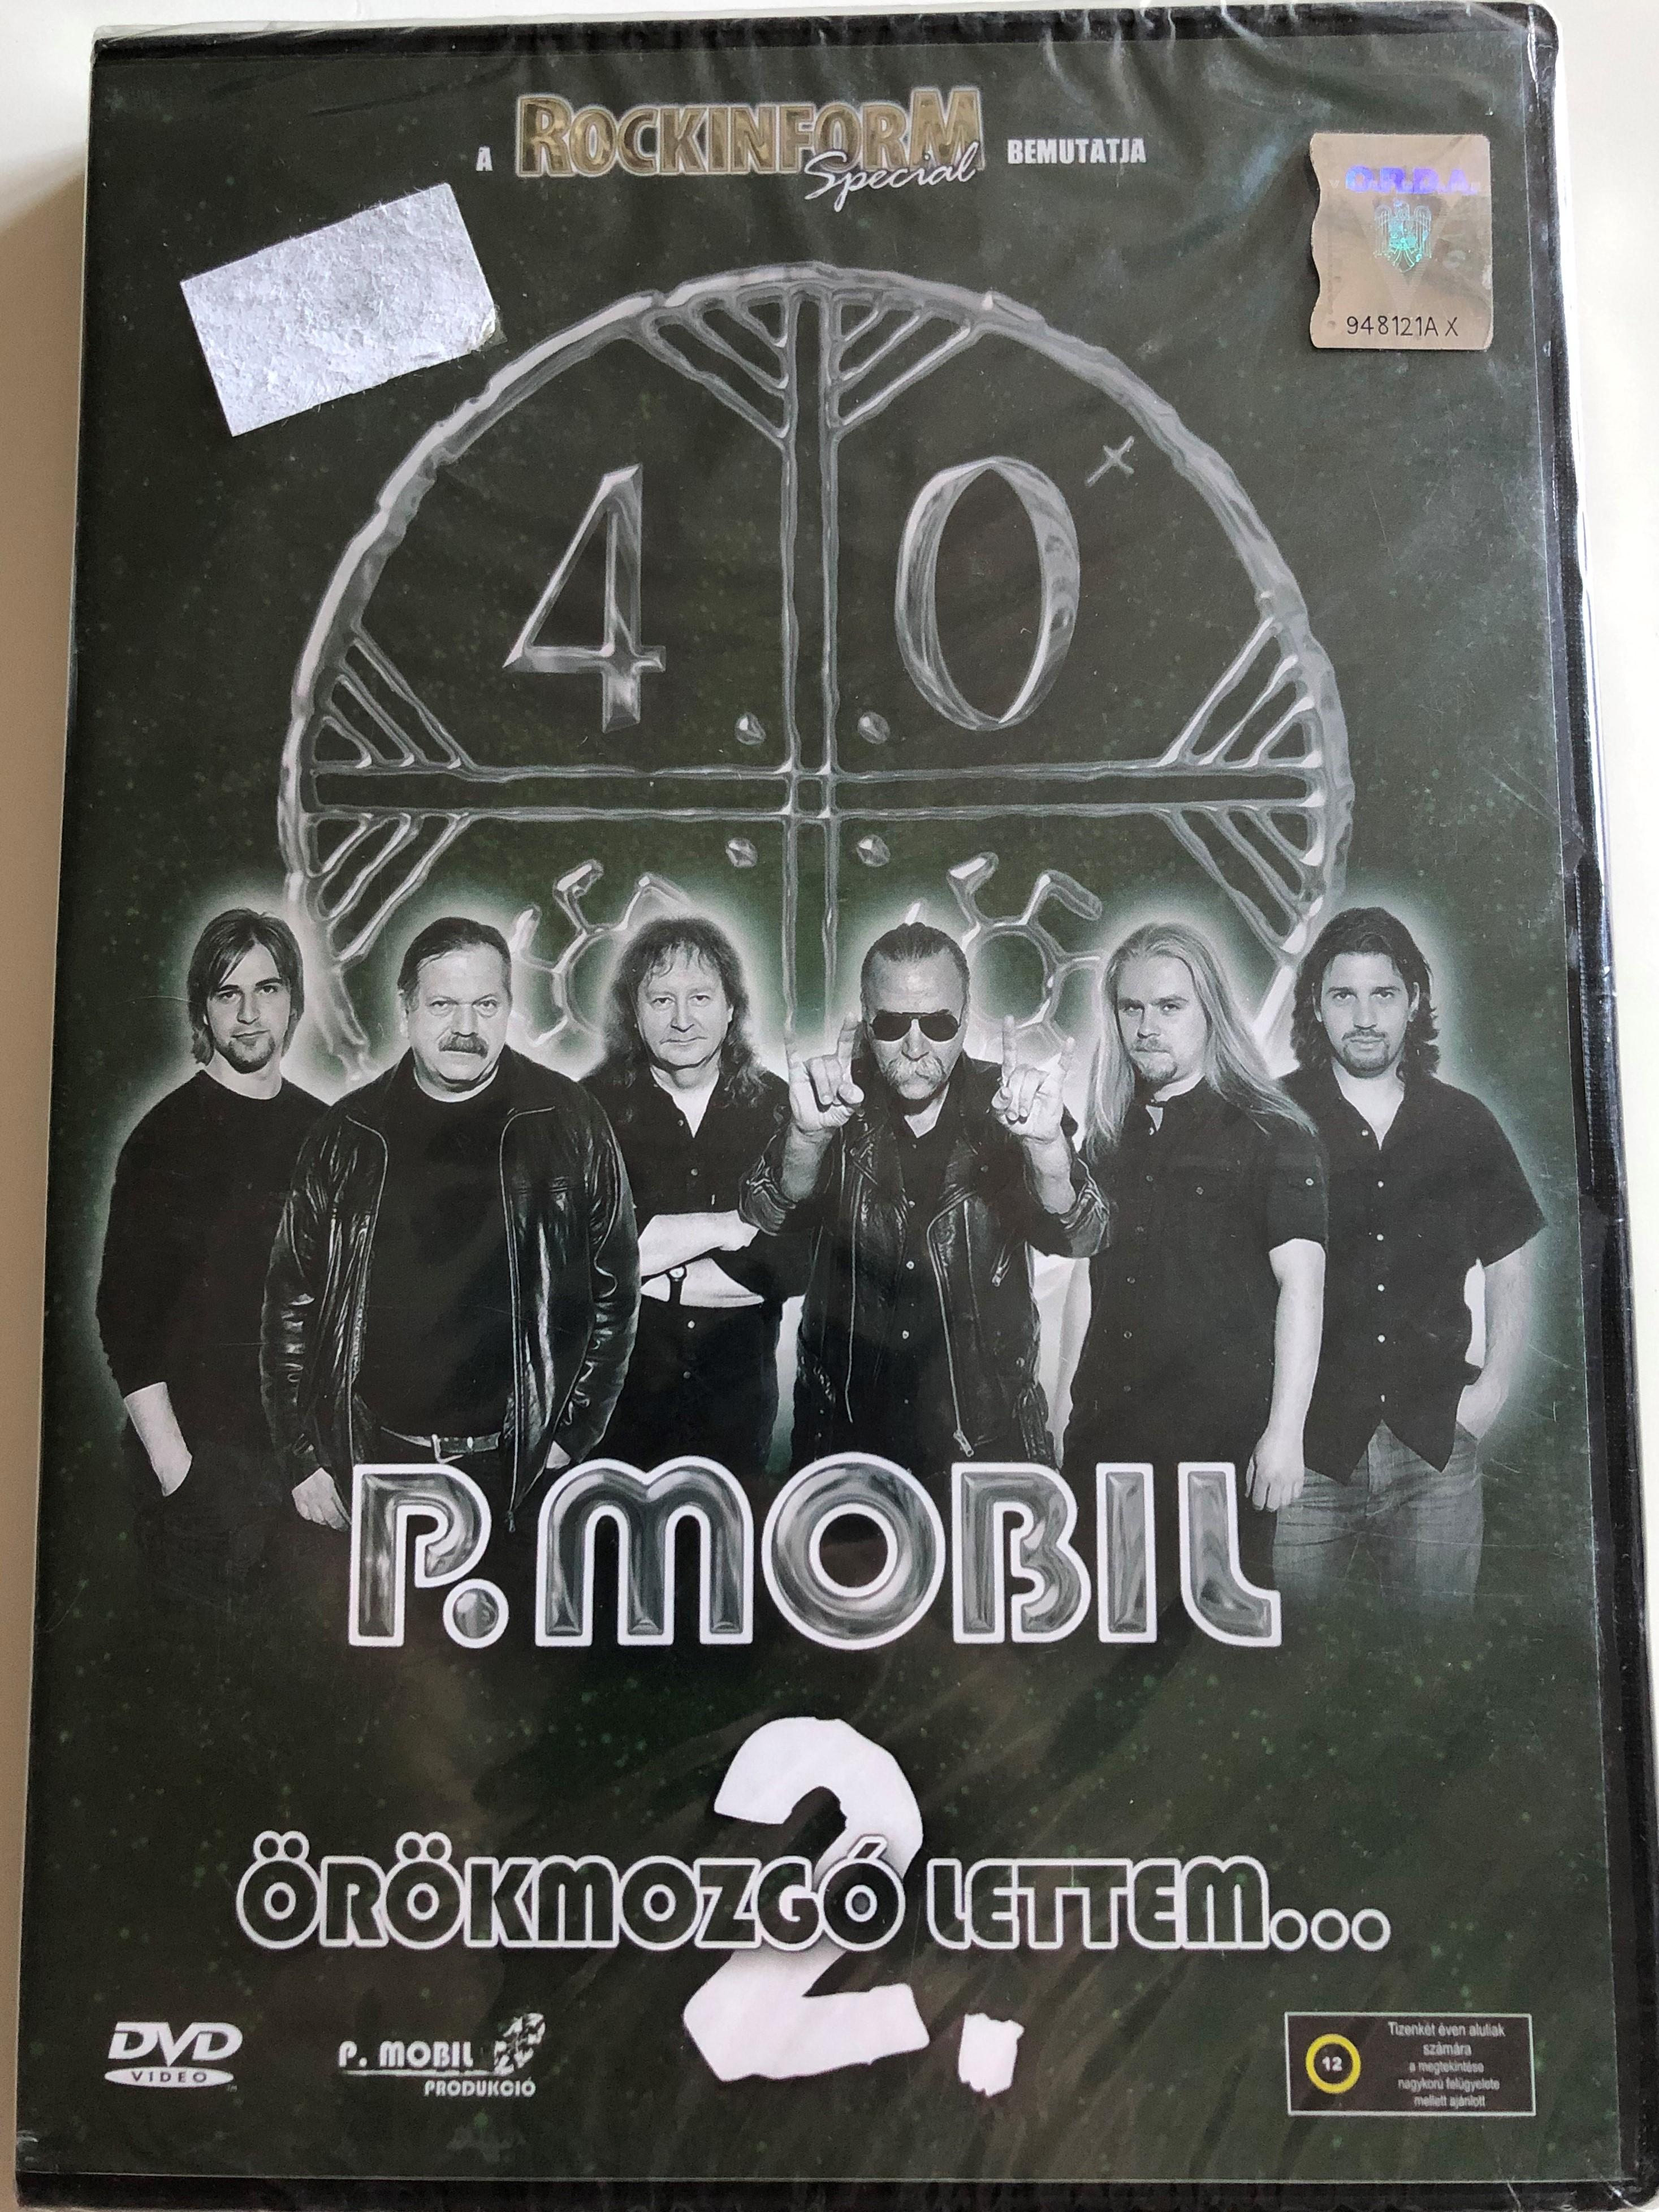 p.-mobil-r-kmozg-lettem...-2.-dvd-1.jpg